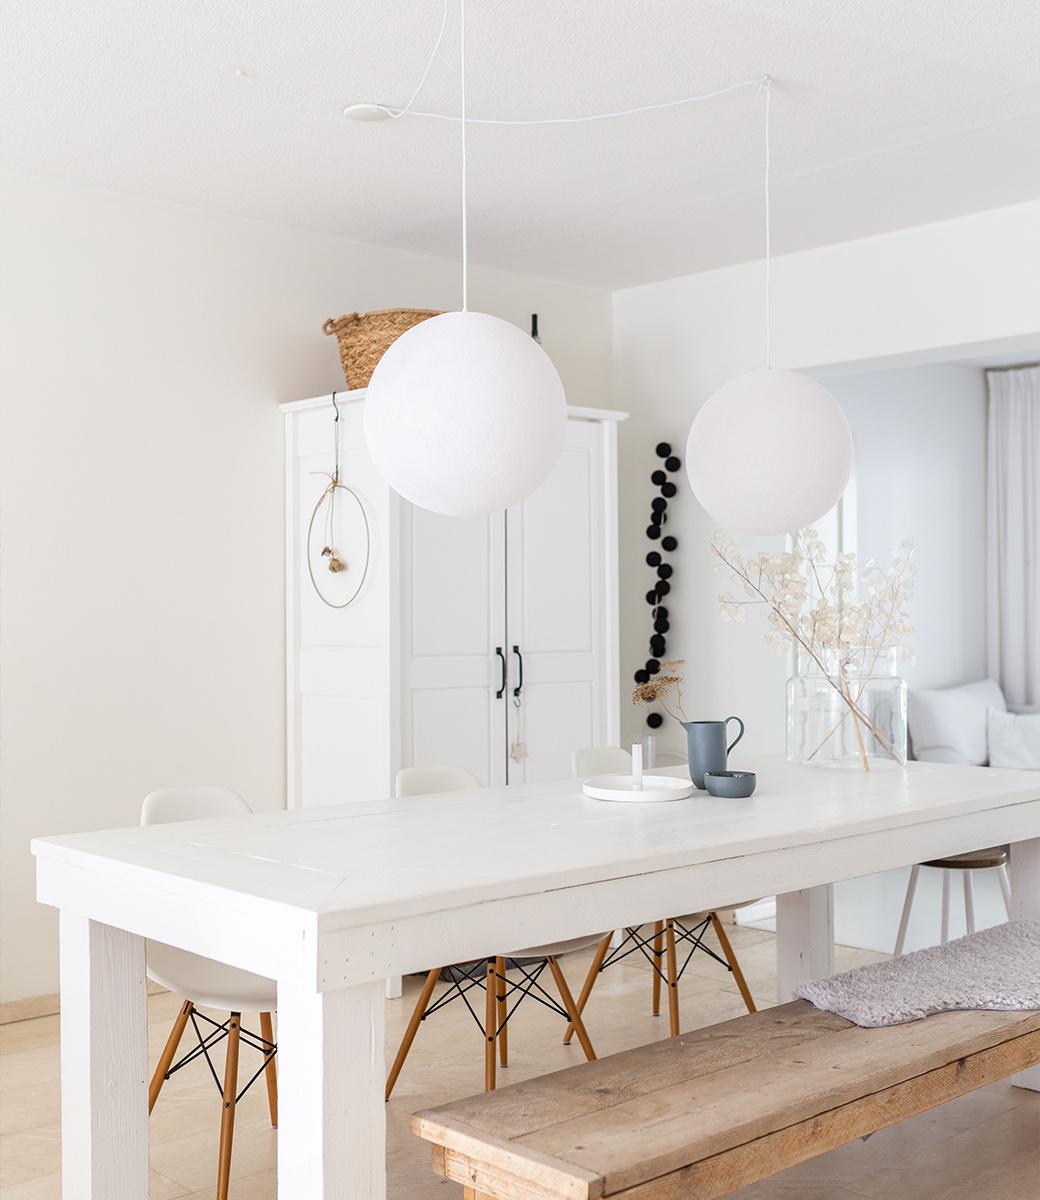 Cotton Ball Lights enkelvoudige hanglamp wit - White